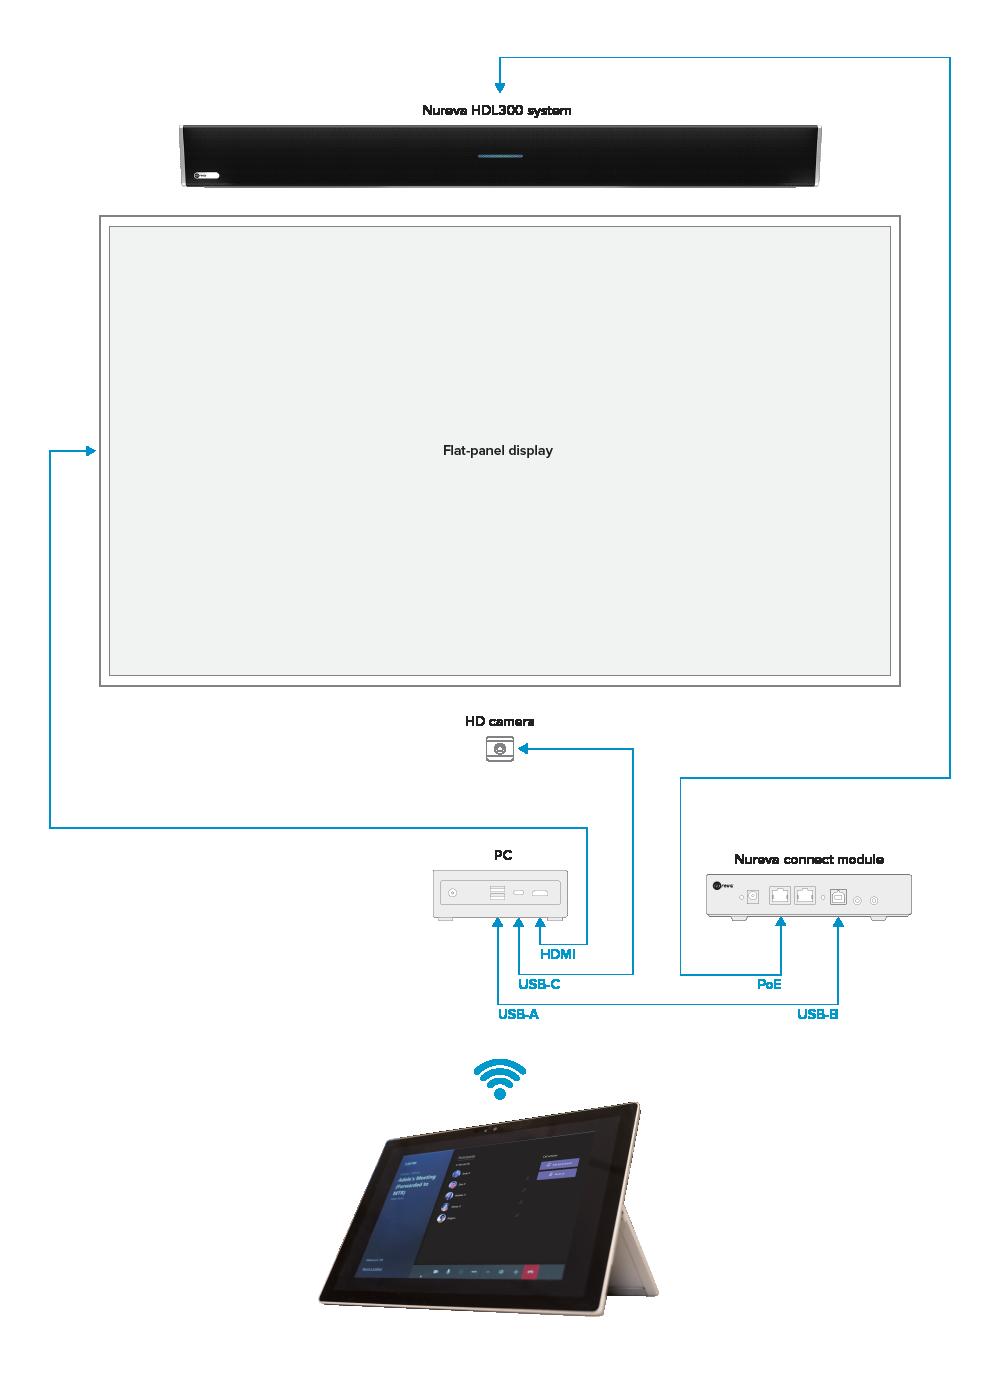 Nureva audio conferencing and Microsoft Teams configuration diagram